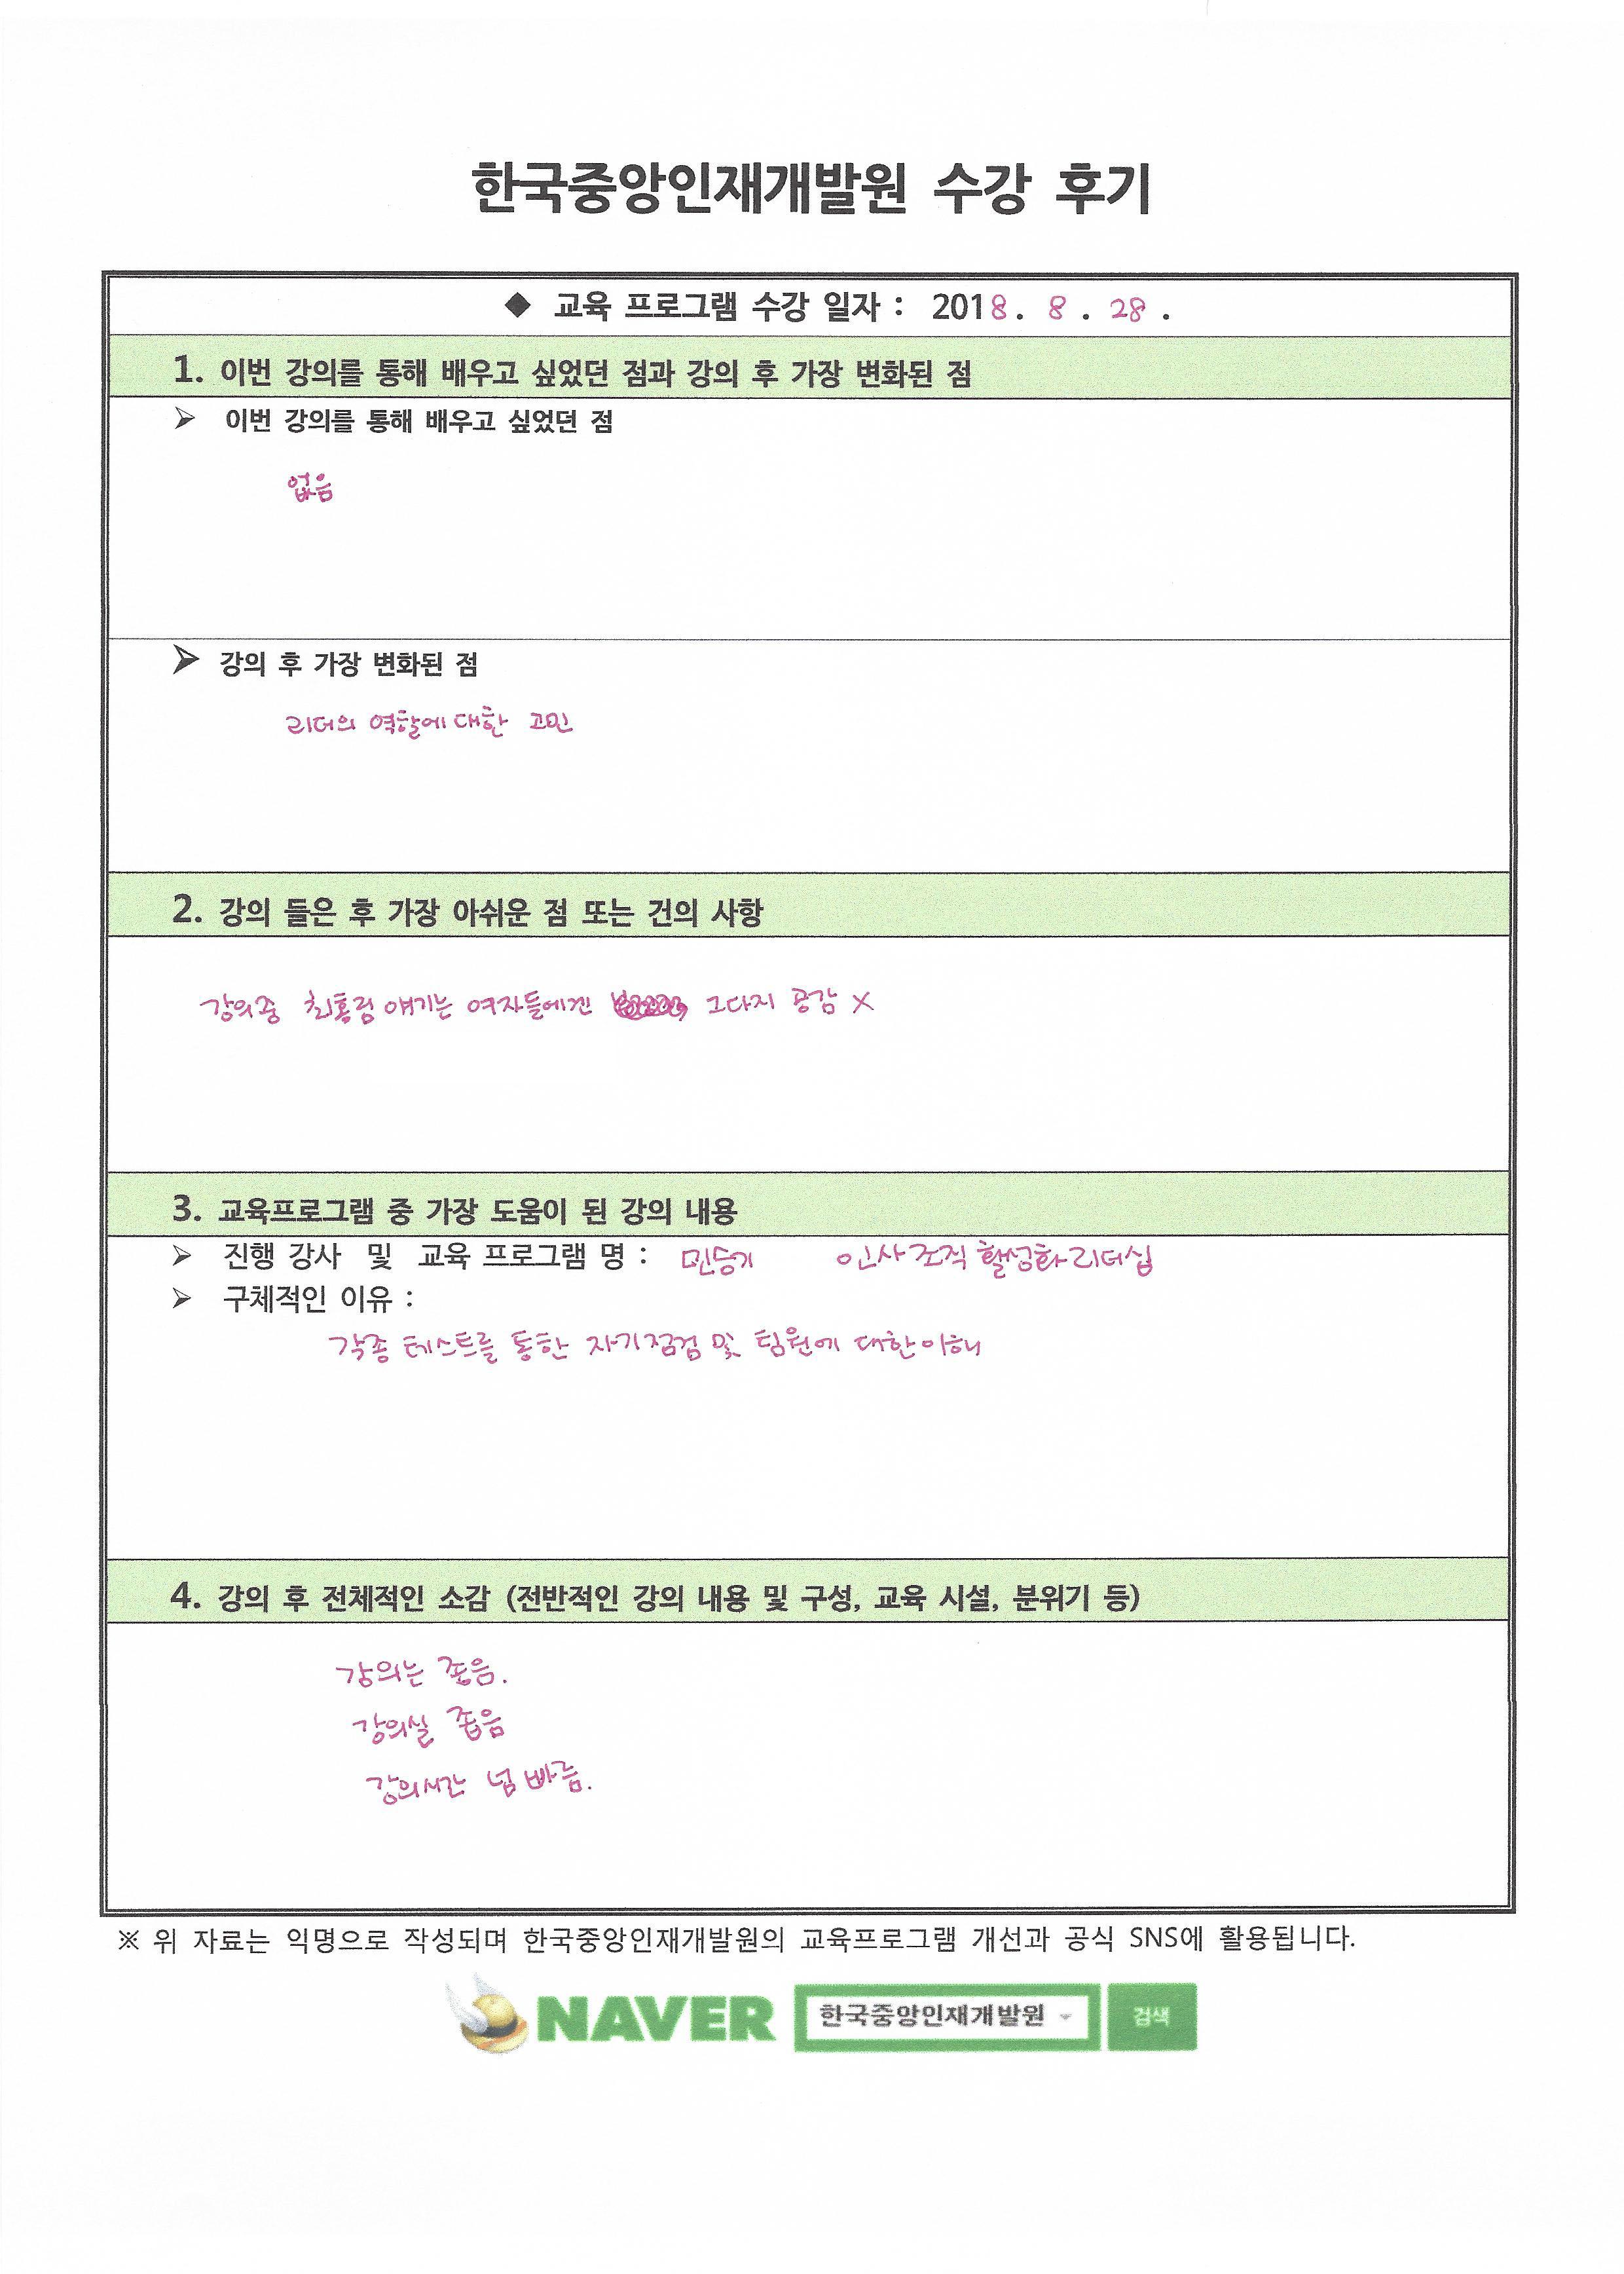 제이씨현 후기-3 사본.jpg